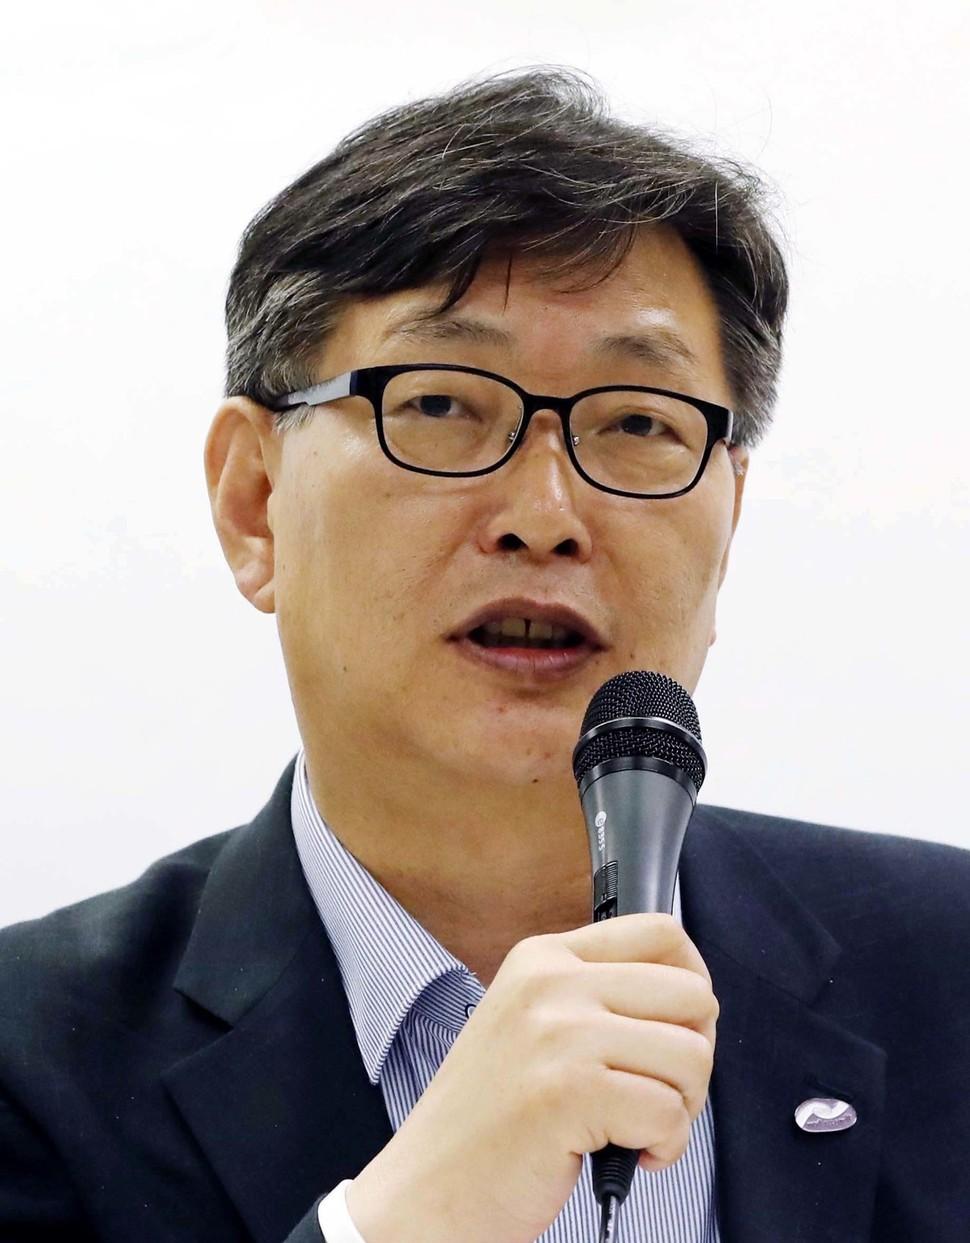 김제선 희망제작소 소장